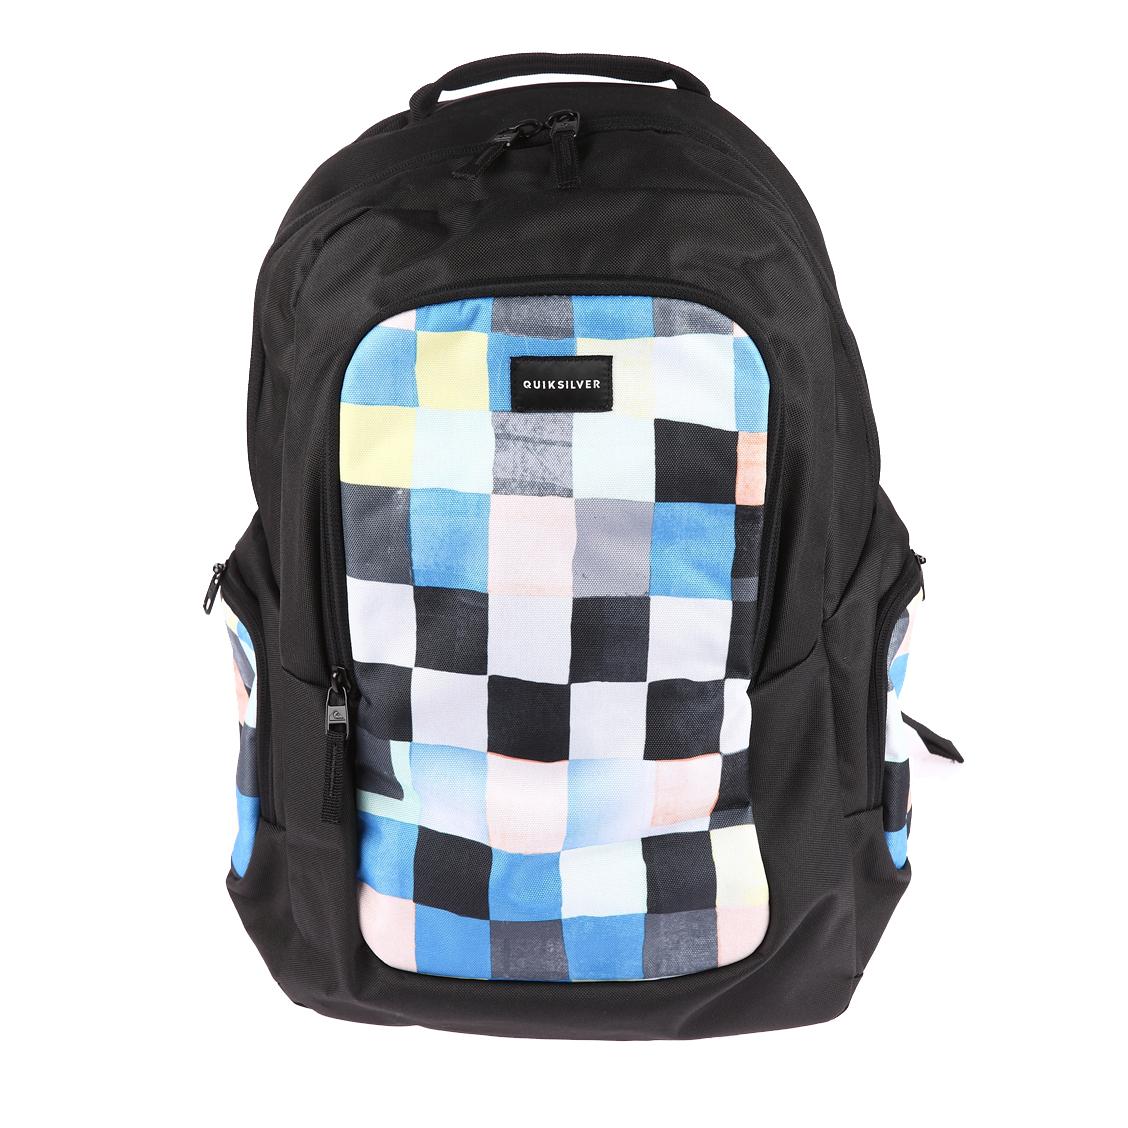 Sac à dos  schoolie 25 l noir à motifs carreaux multicolores